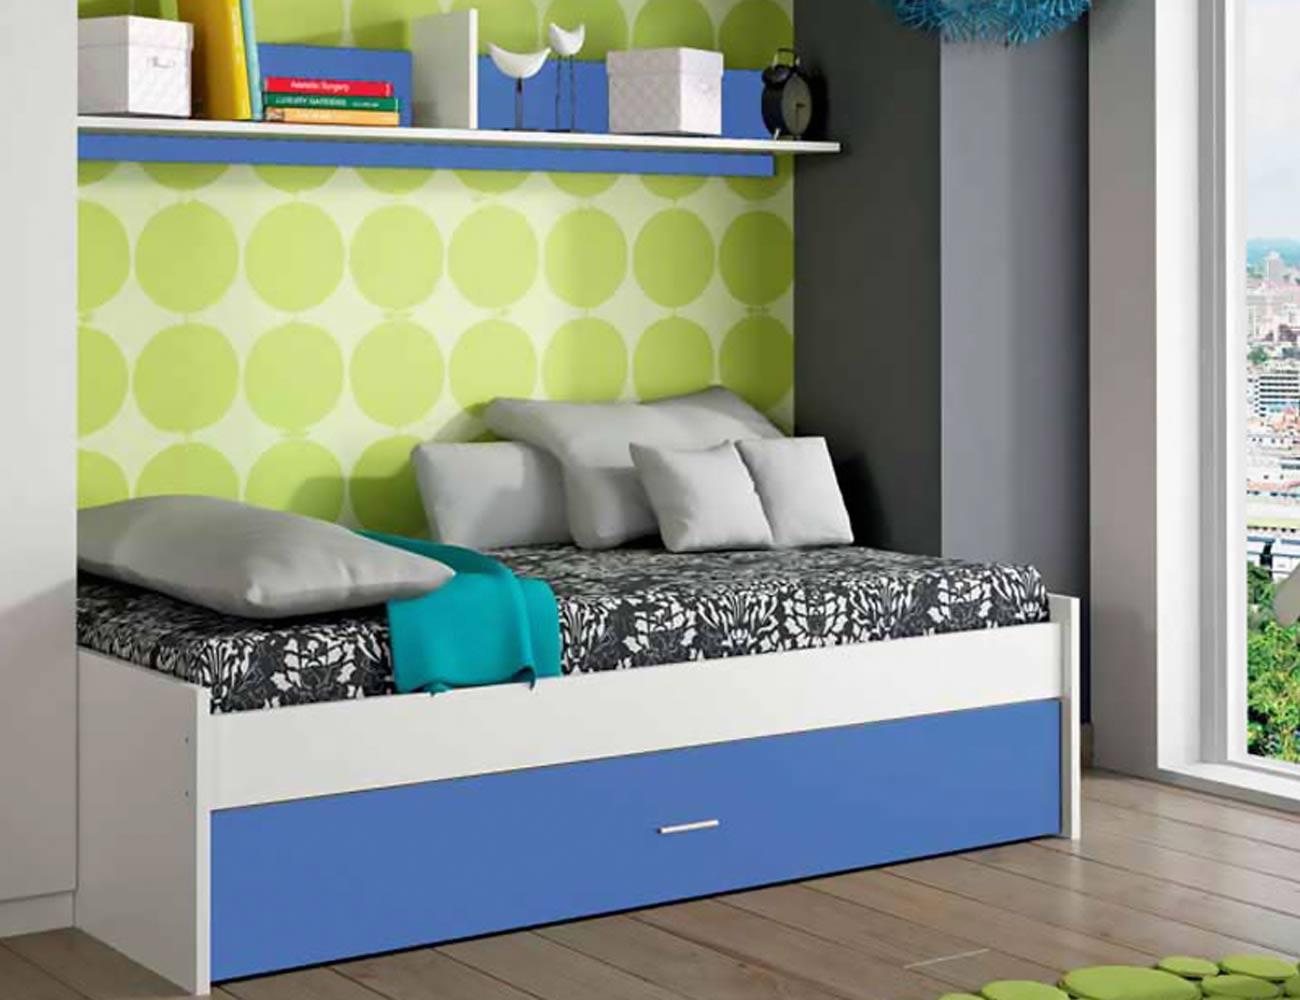 Dormitorio juvenil cama nido blanco1